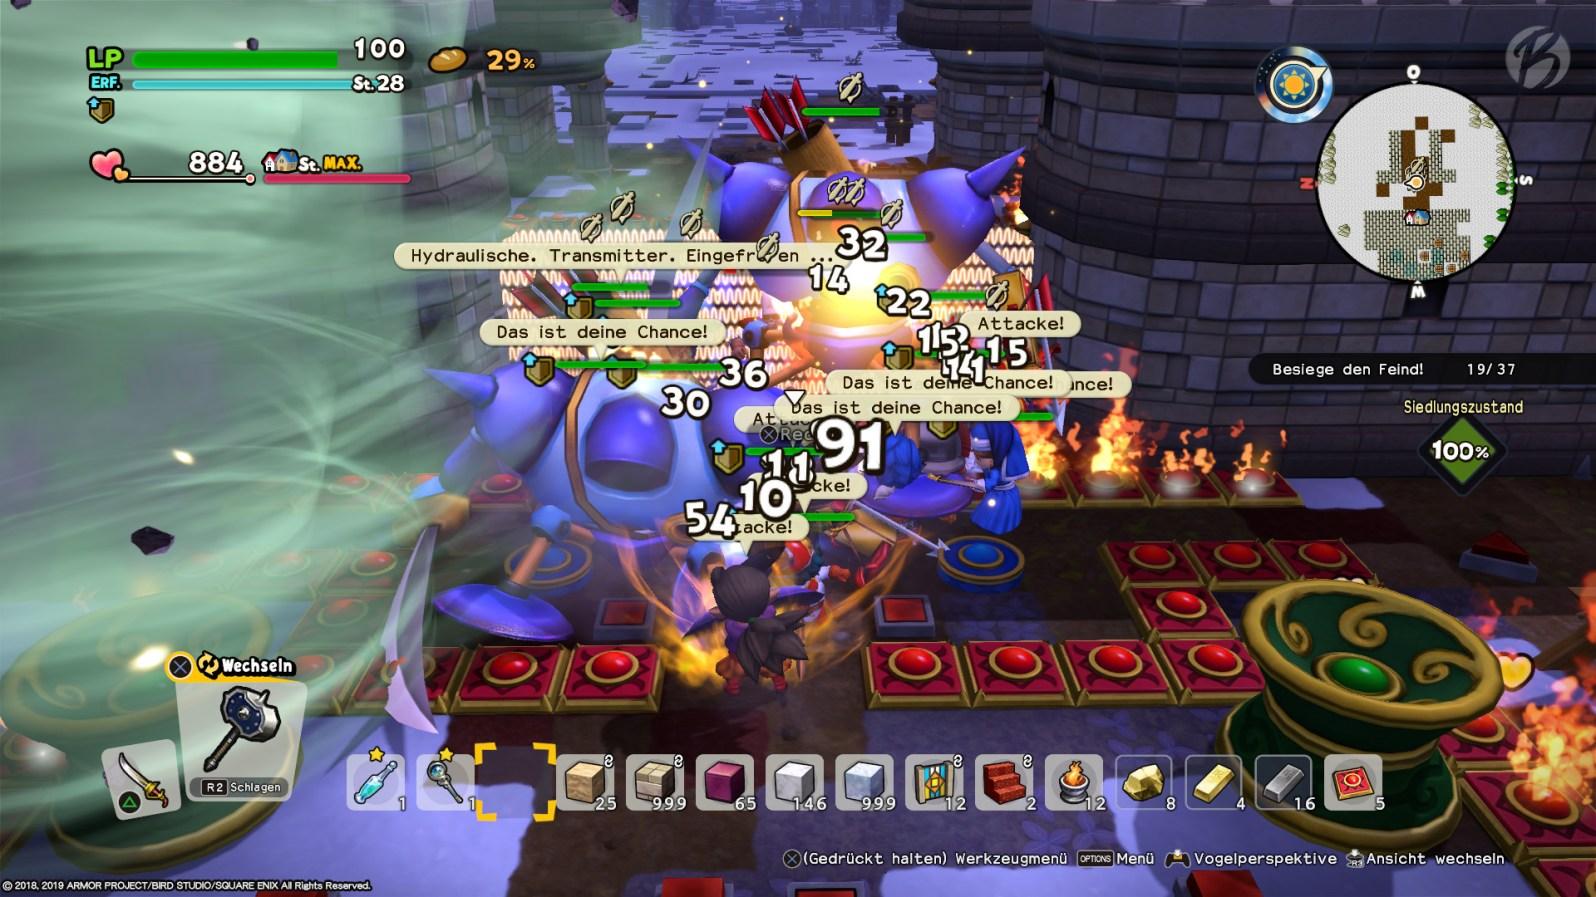 Überraschung: In Dragon Quest Builders 2 gibt es jetzt richtig gute Tower-Defense-Elemente, um die heranstürmenden Monster zu bezwingen.